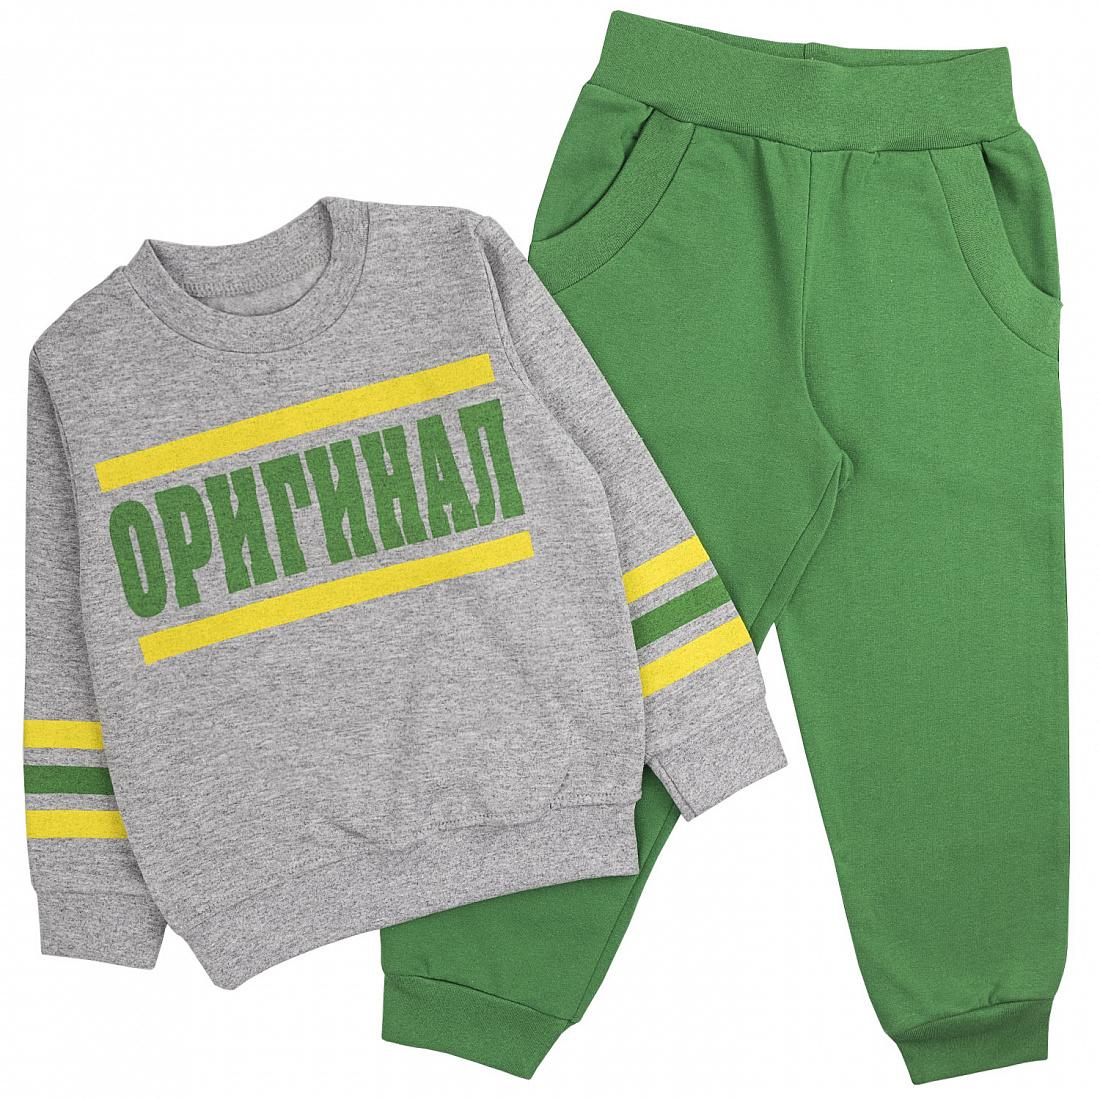 Спортивный костюм для мальчиков Юлла 488ф цв. зеленый  р.134